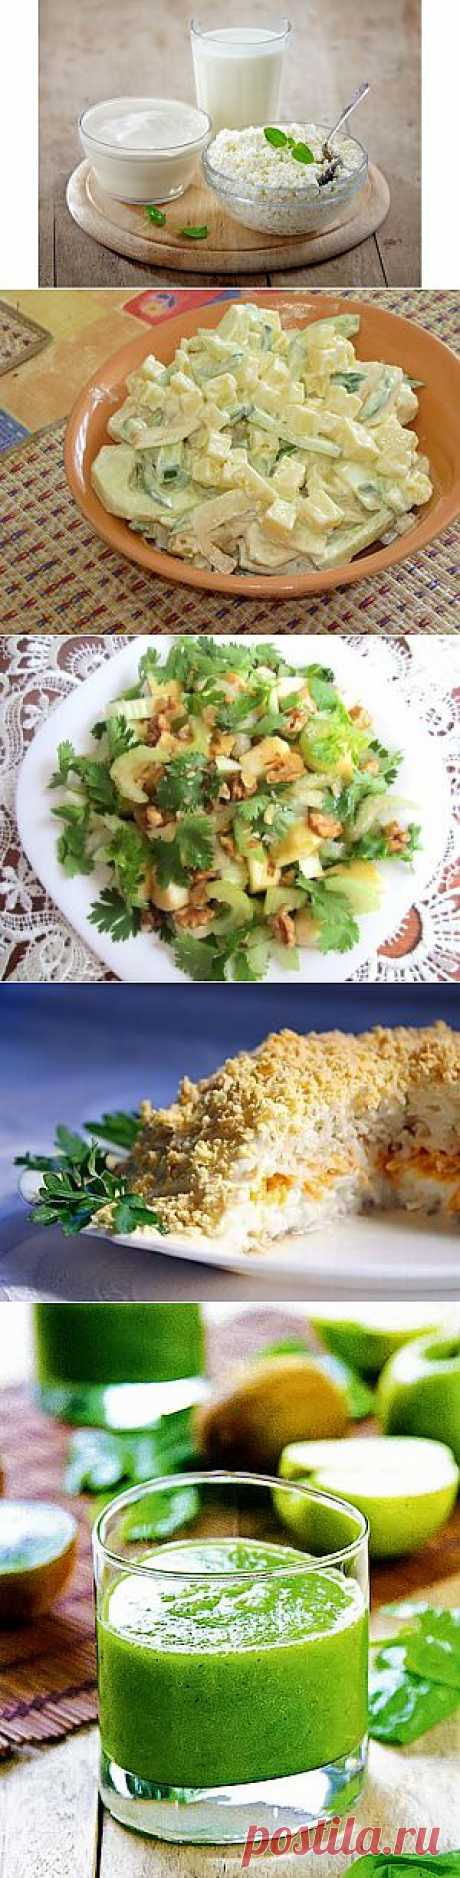 Вкусный и здоровый ужин: советы и рецепты | Диеты со всего света